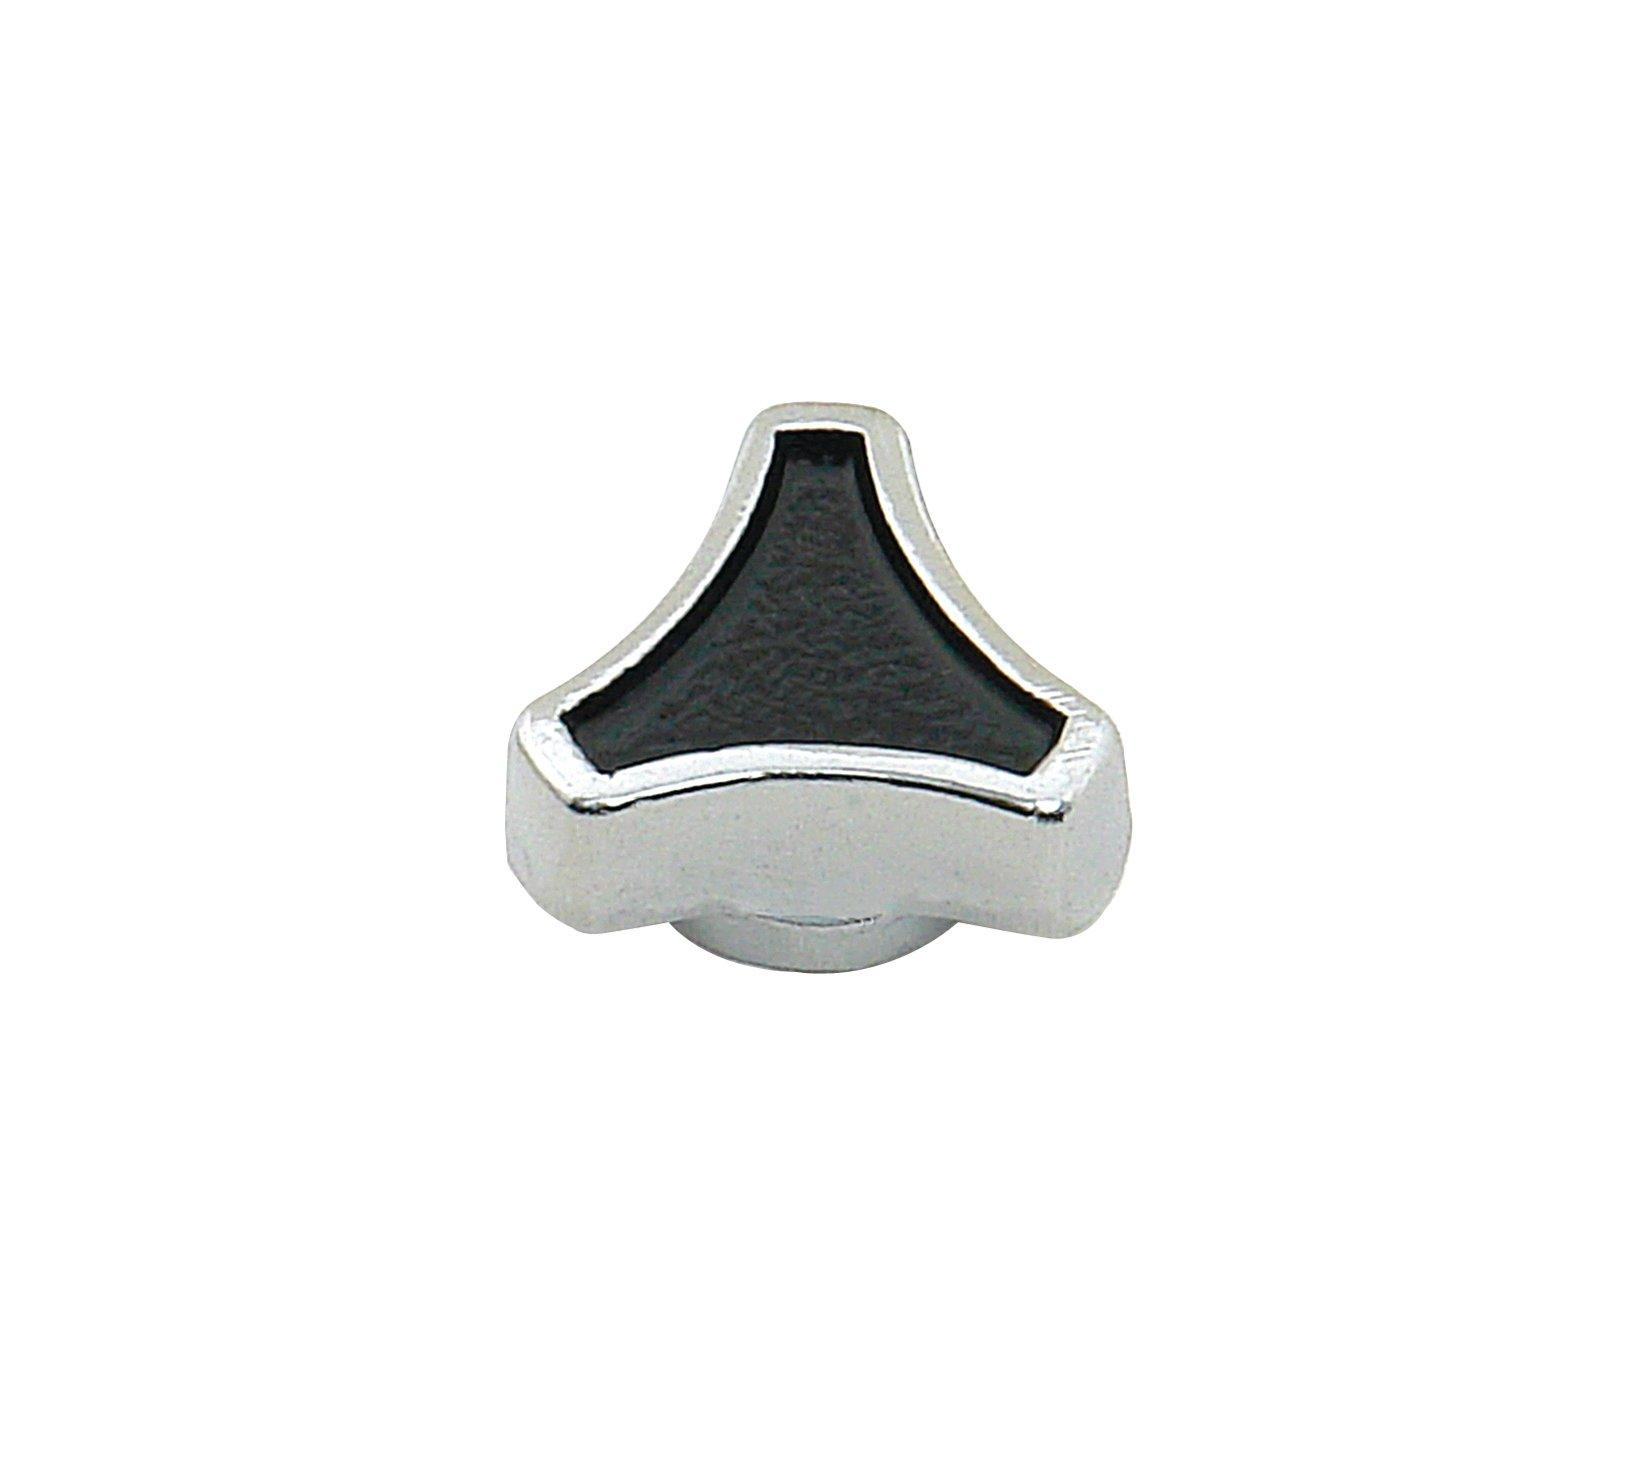 Chrome Mini Screw on Spinner Air Cleaner Nut Die Cast Metal